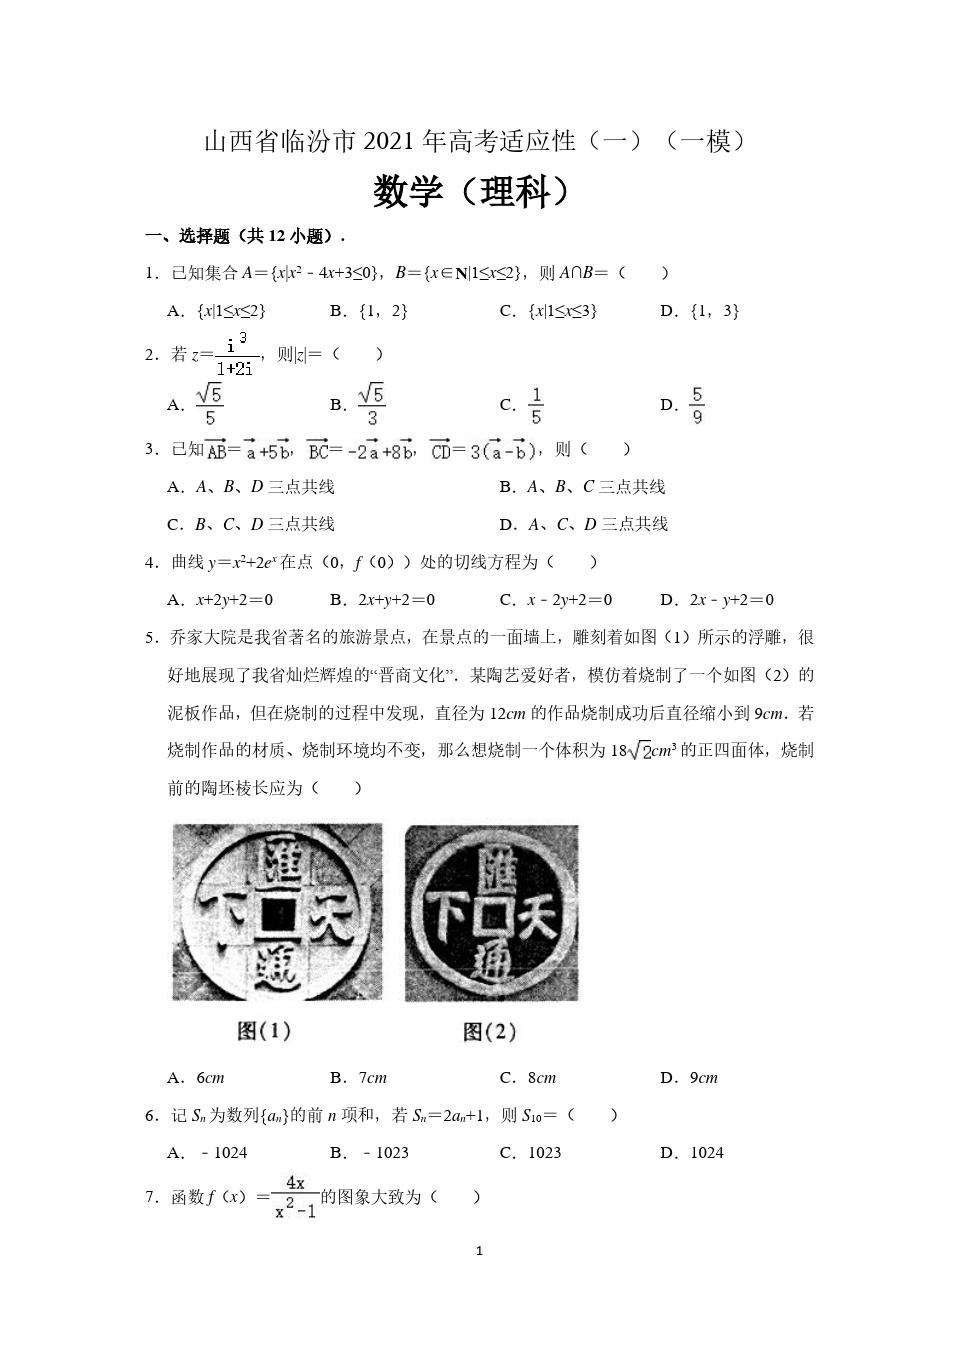 山西省临汾市2020-2021学年高三上学期适应性训练考试(一)(期末)数学(理)试题(含解析)